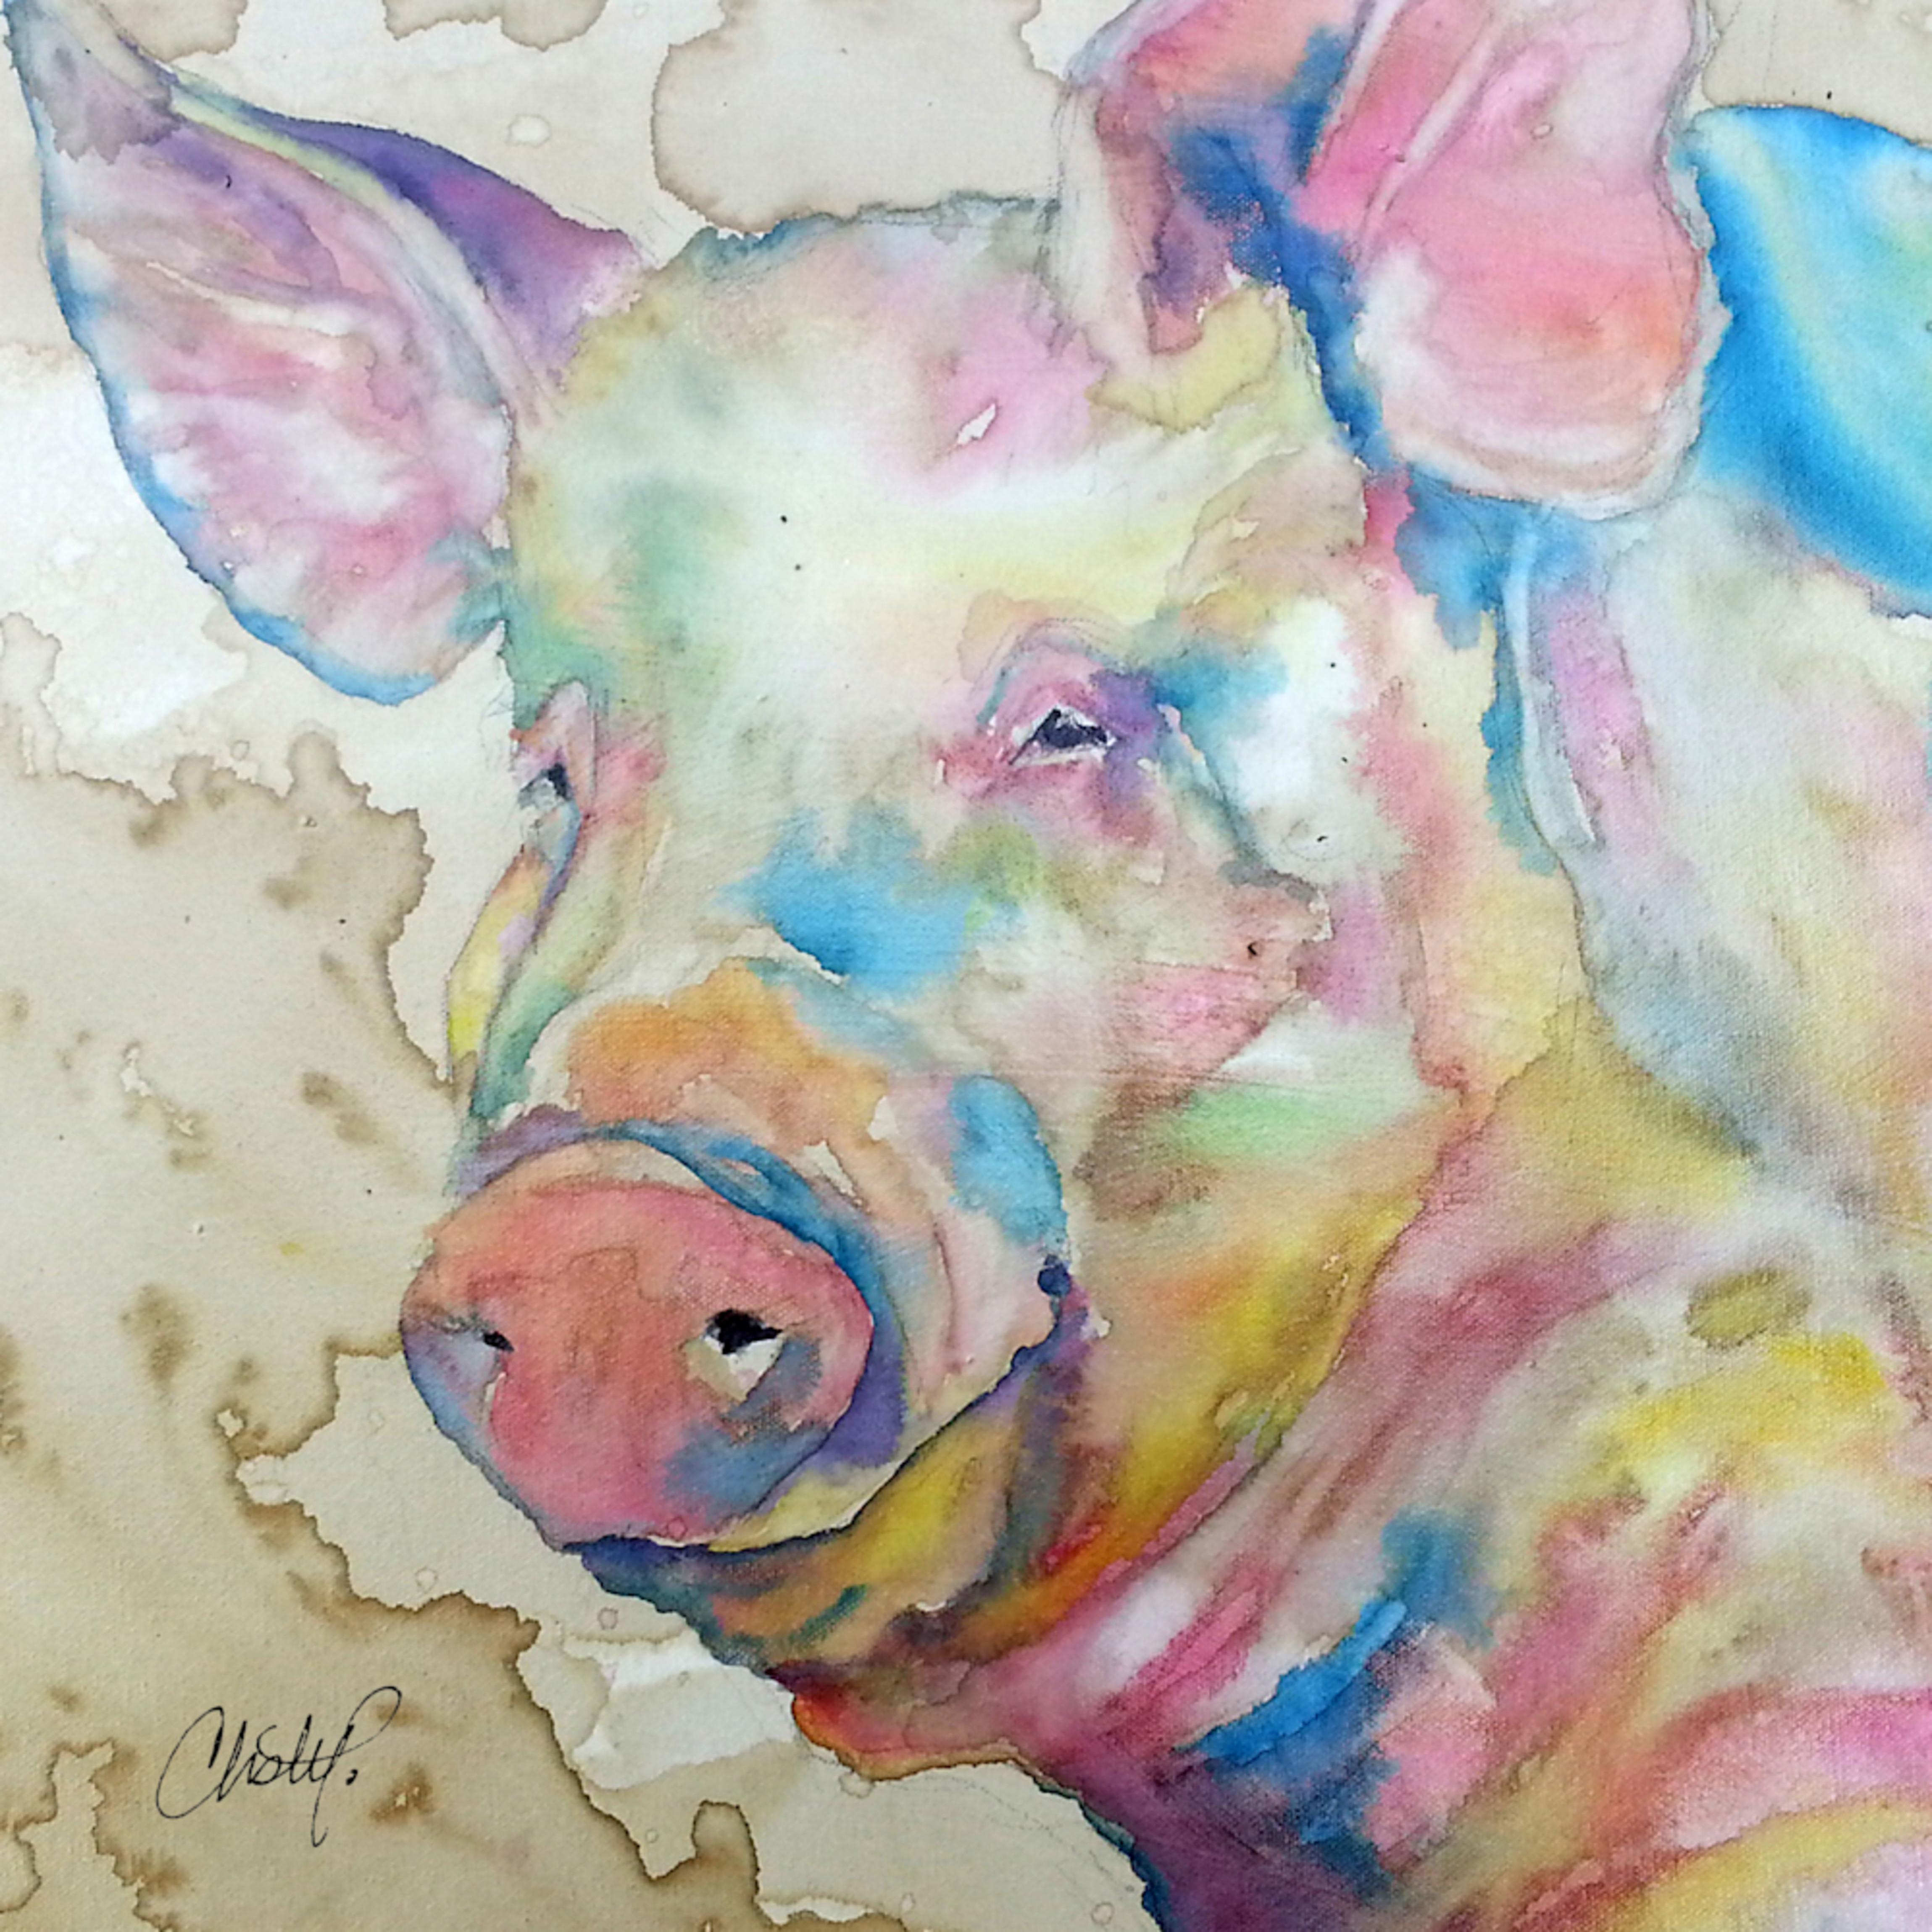 Piggie signed om7ney